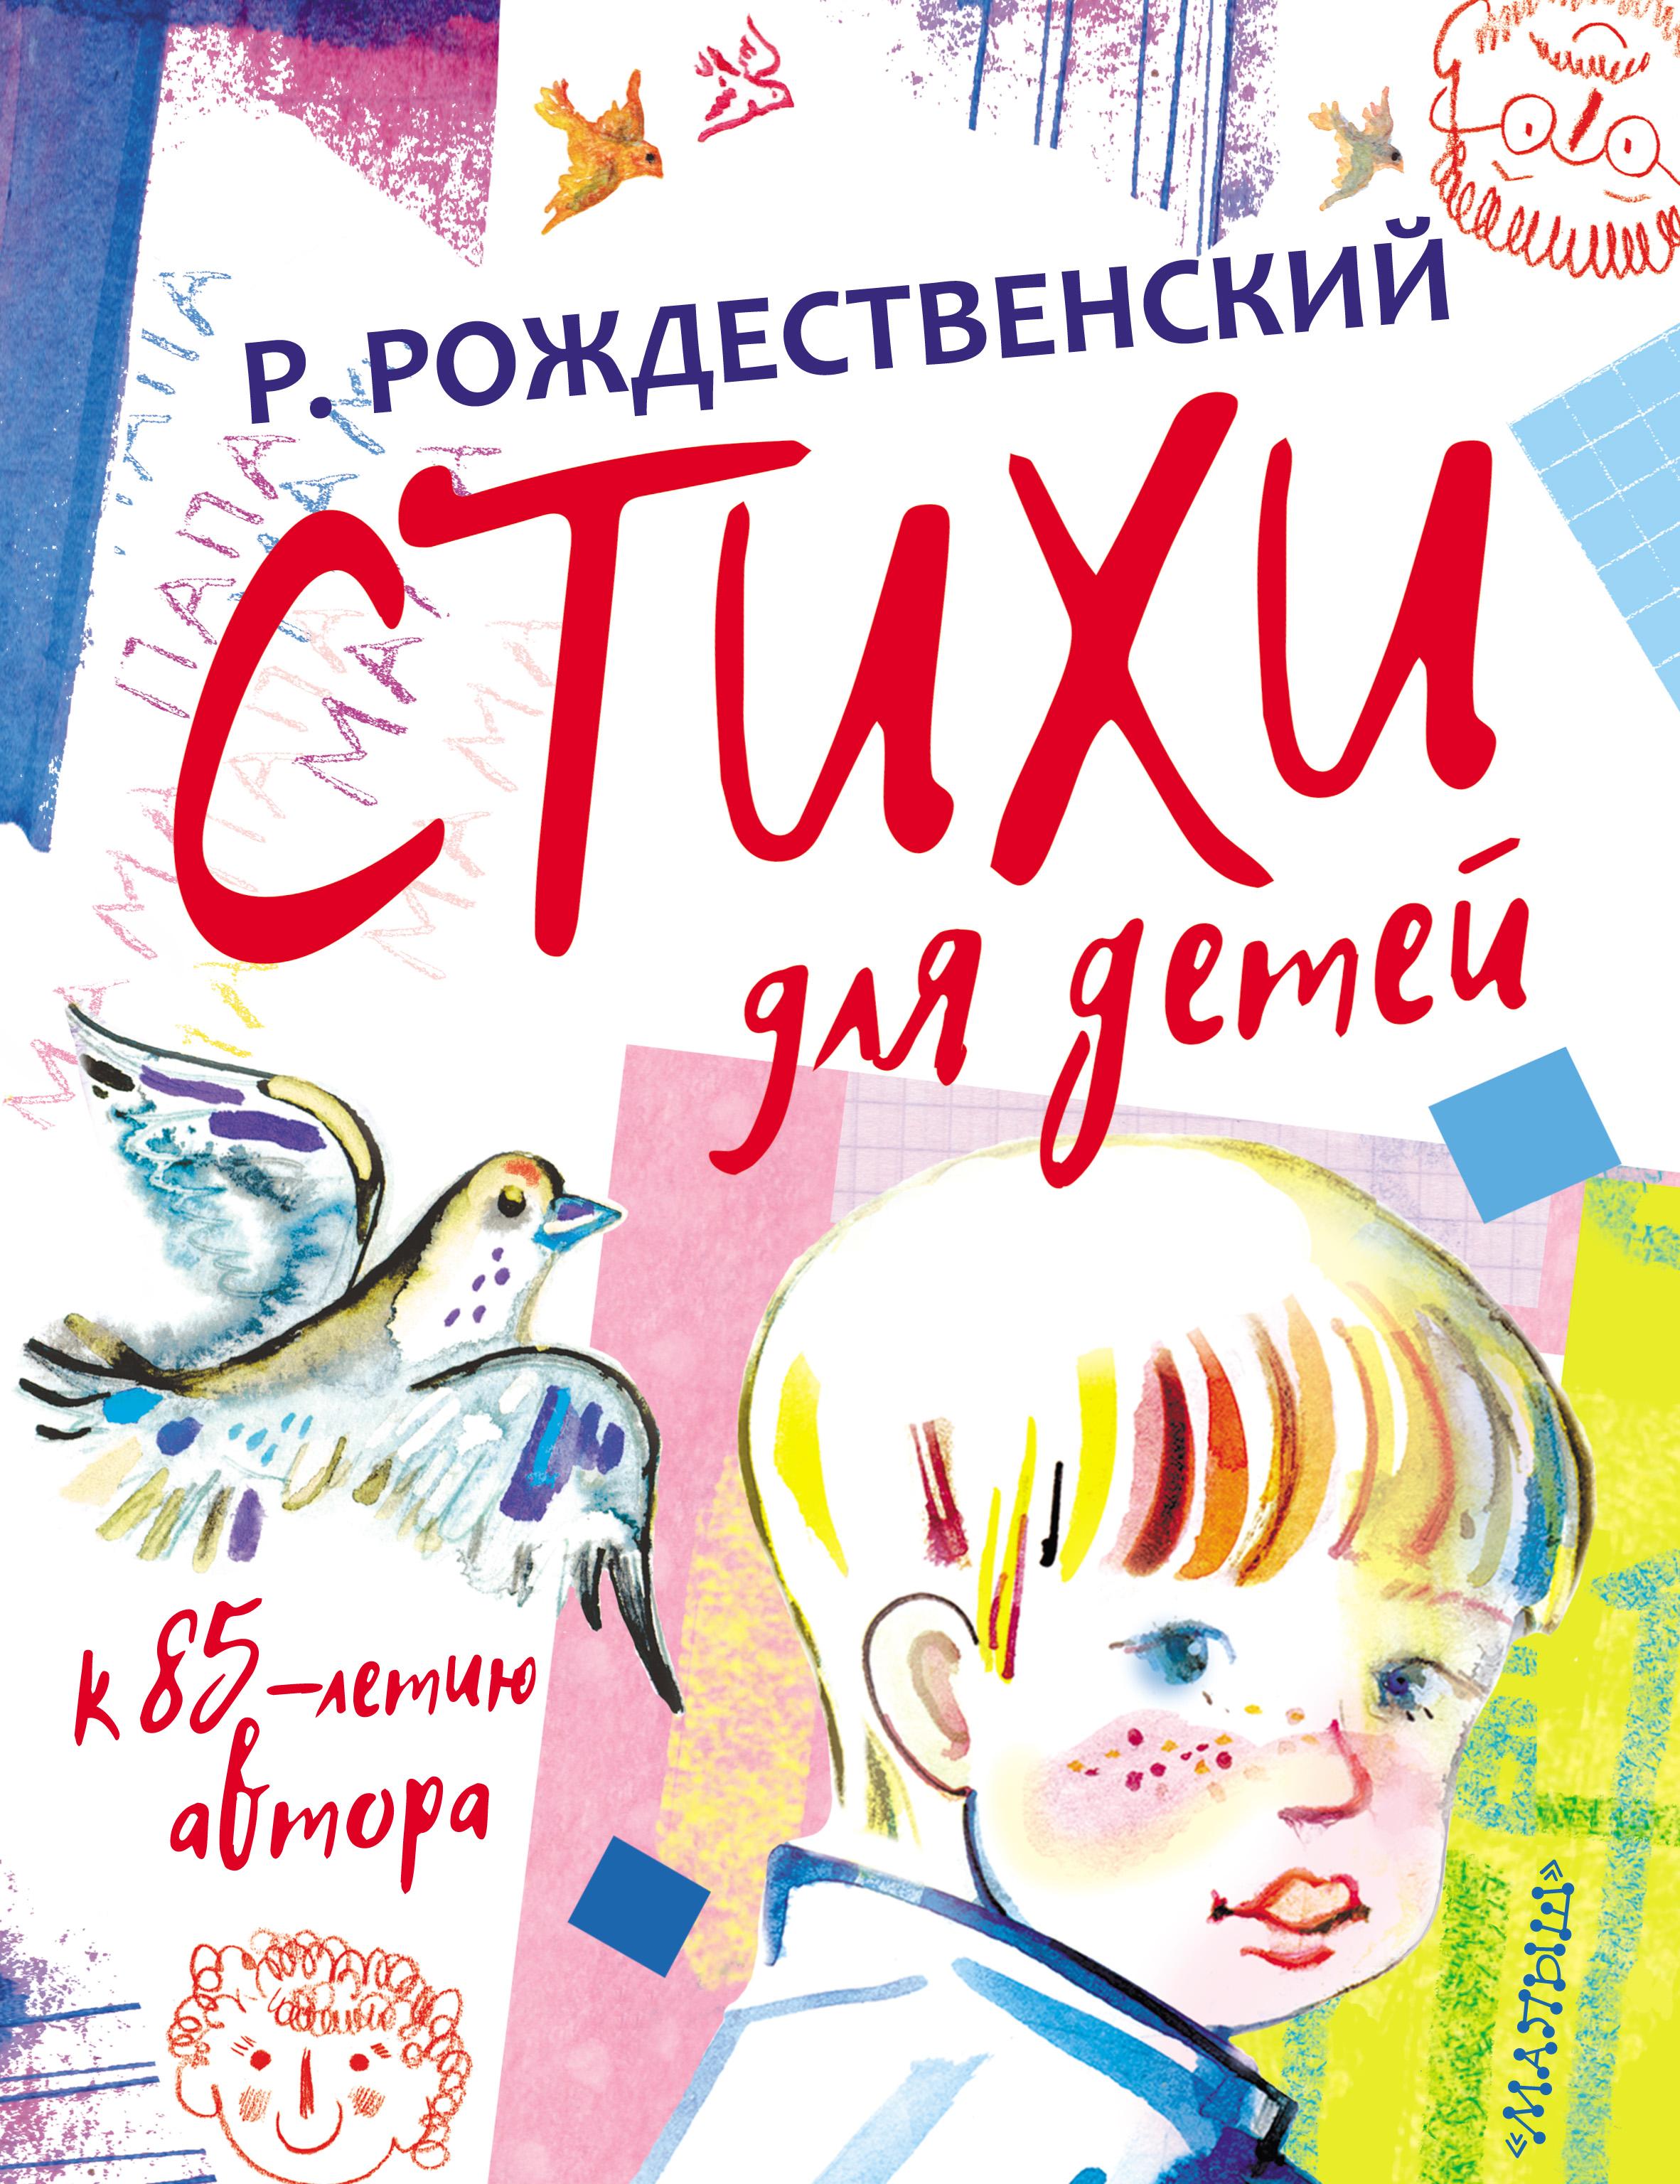 Роберт Рождественский, Стихи для детей – скачать pdf на ЛитРес